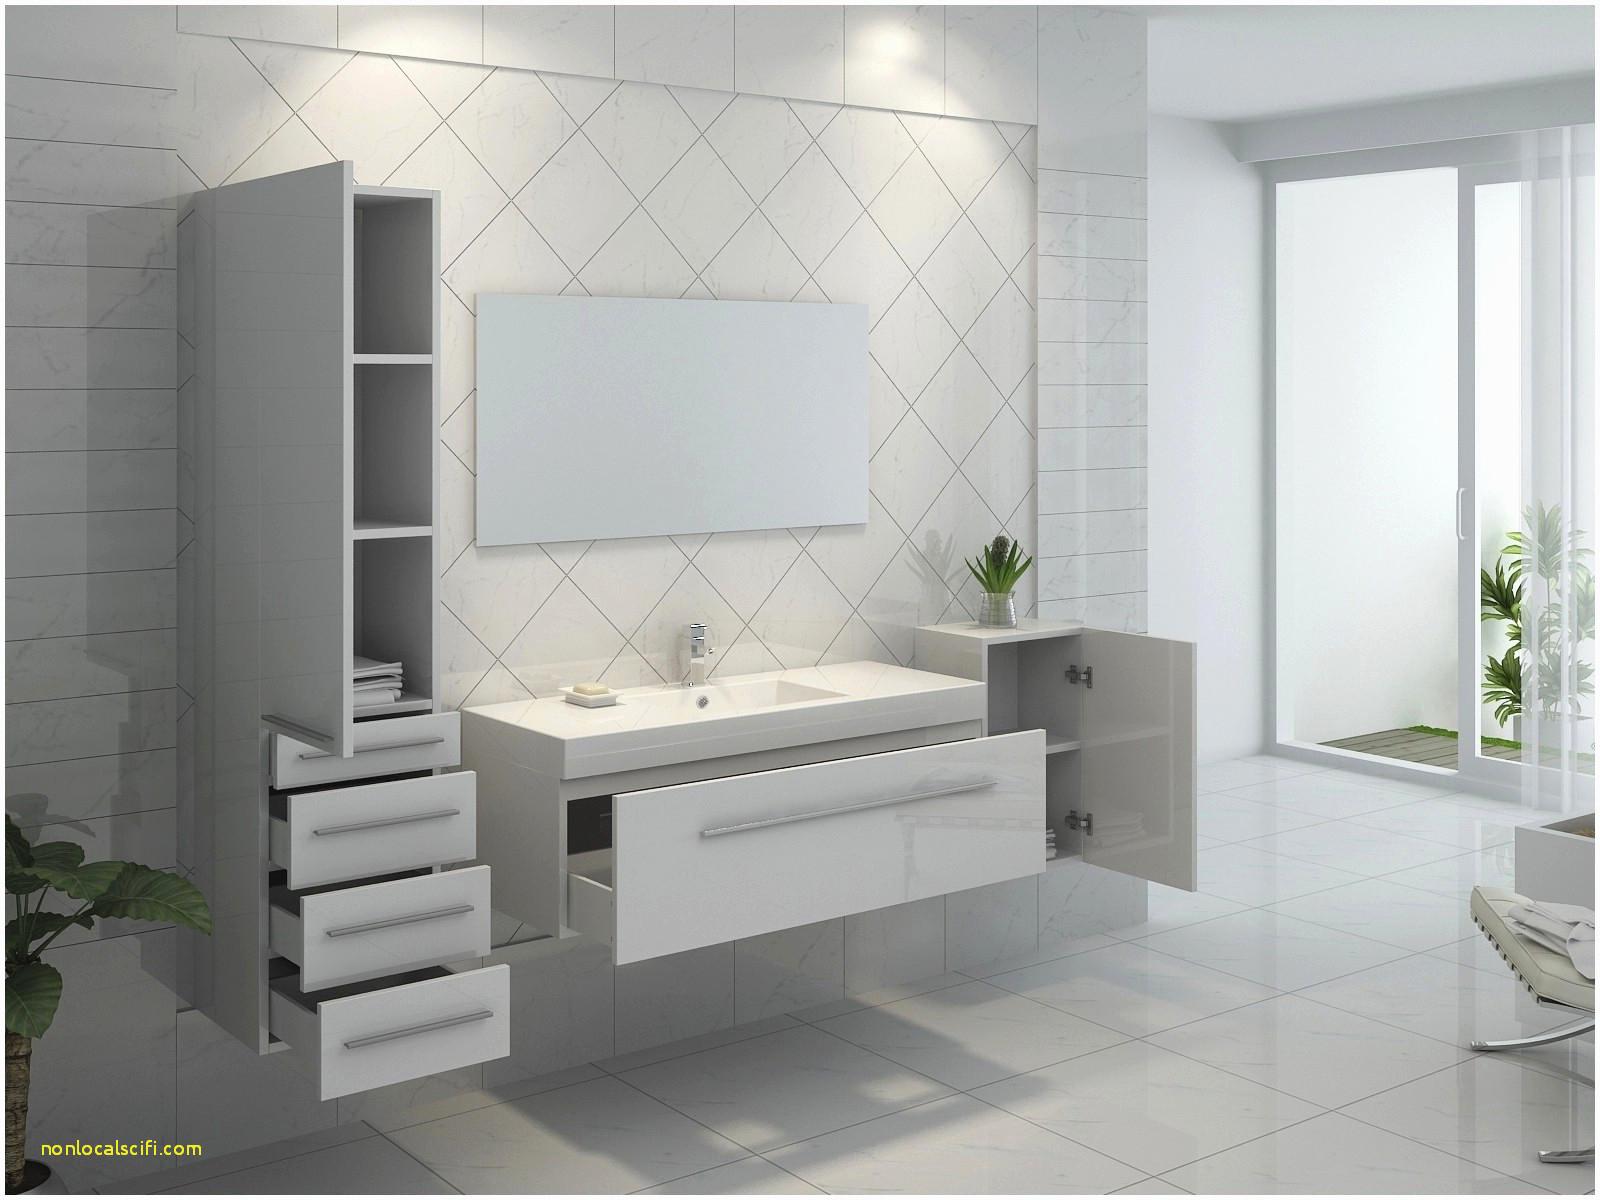 Meuble De Rangement Wc Meuble Pour Toilette Rangement Wc Encequiconcerne Distributeur Papier Toilette Ikea Agencecormierdelauniere Com Agencecormierdelauniere Com